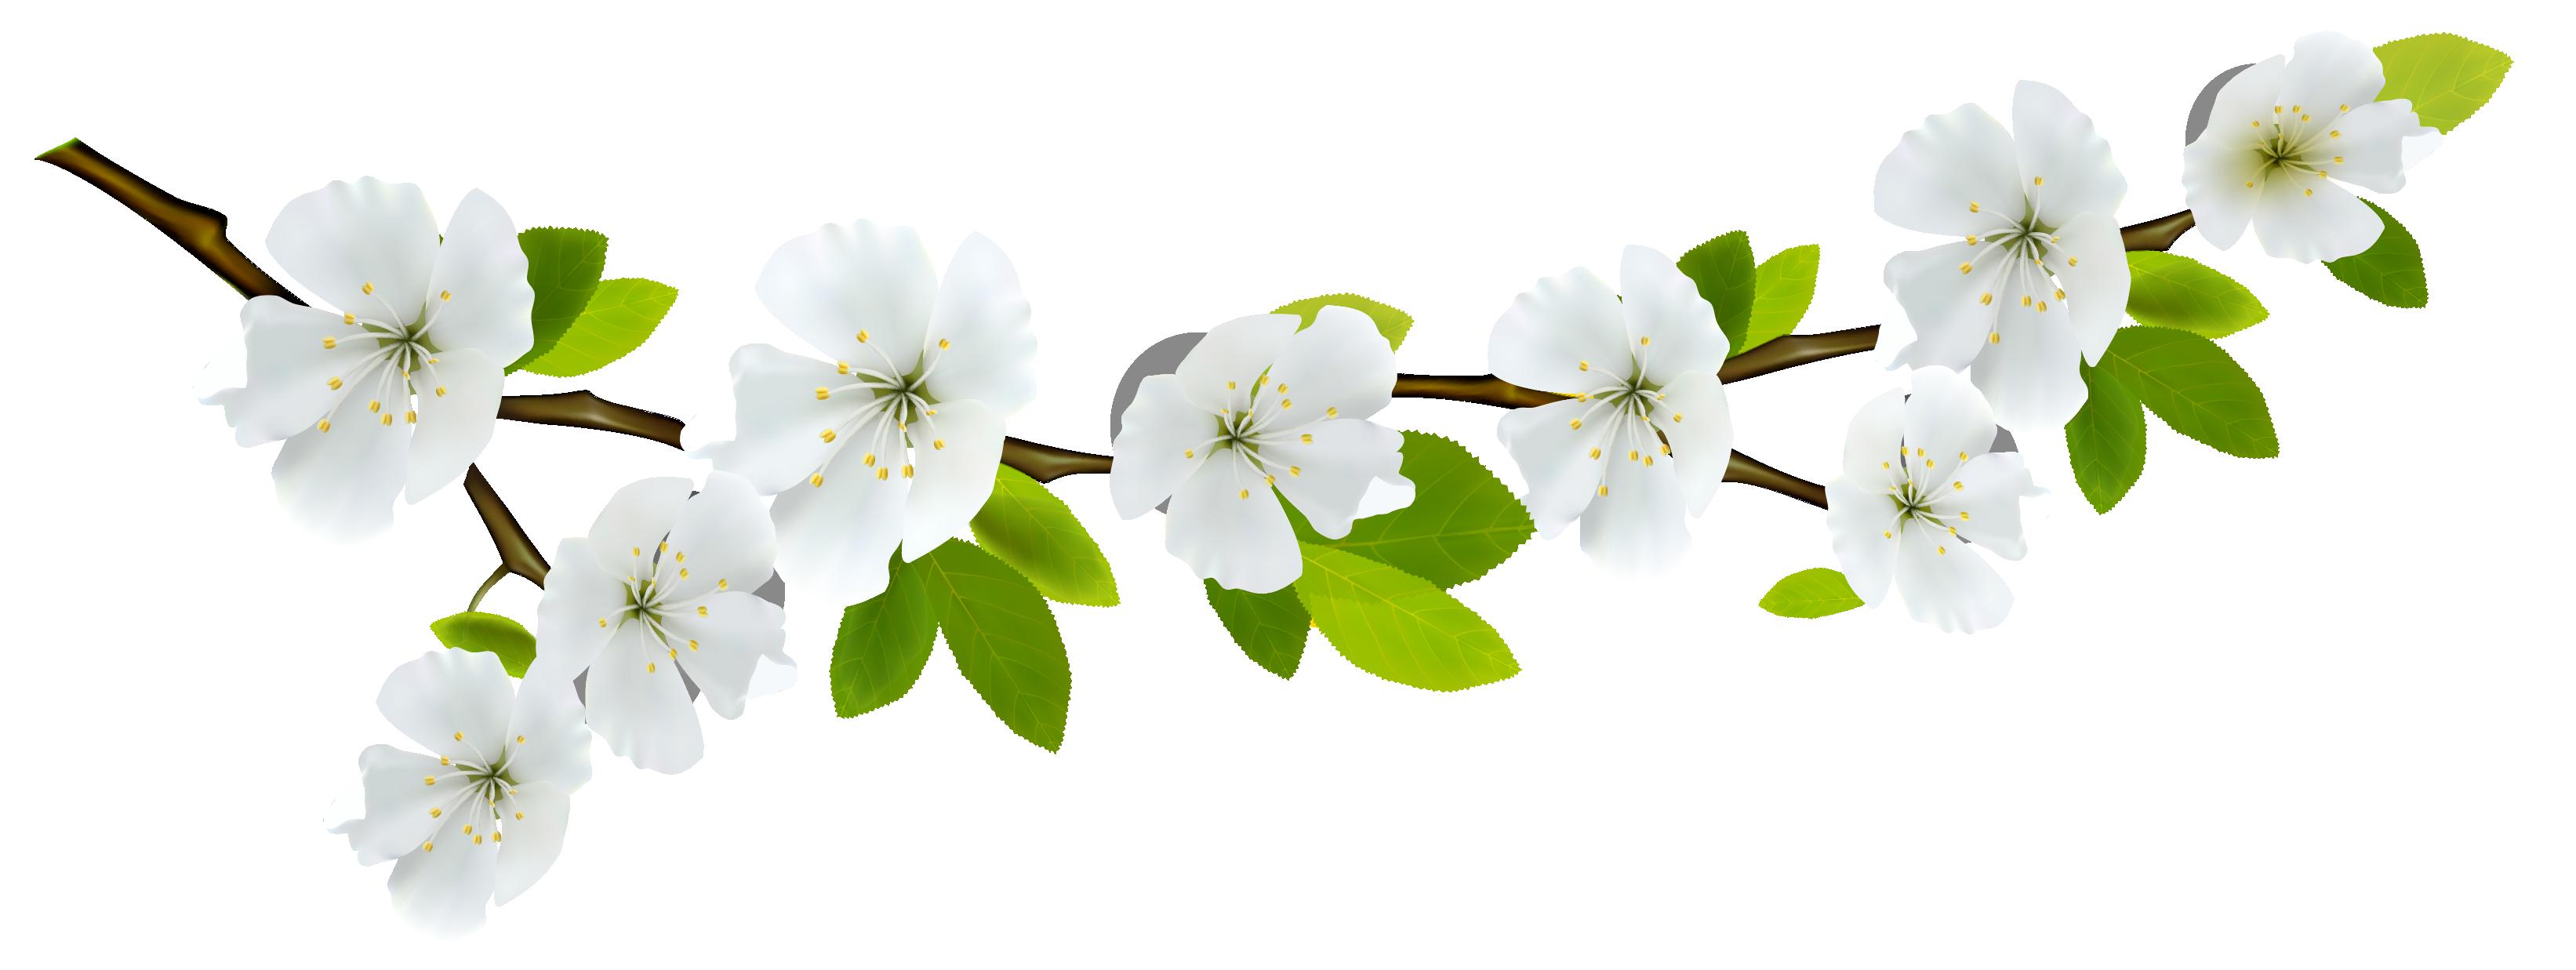 Картинка ветка яблони на прозрачном фоне